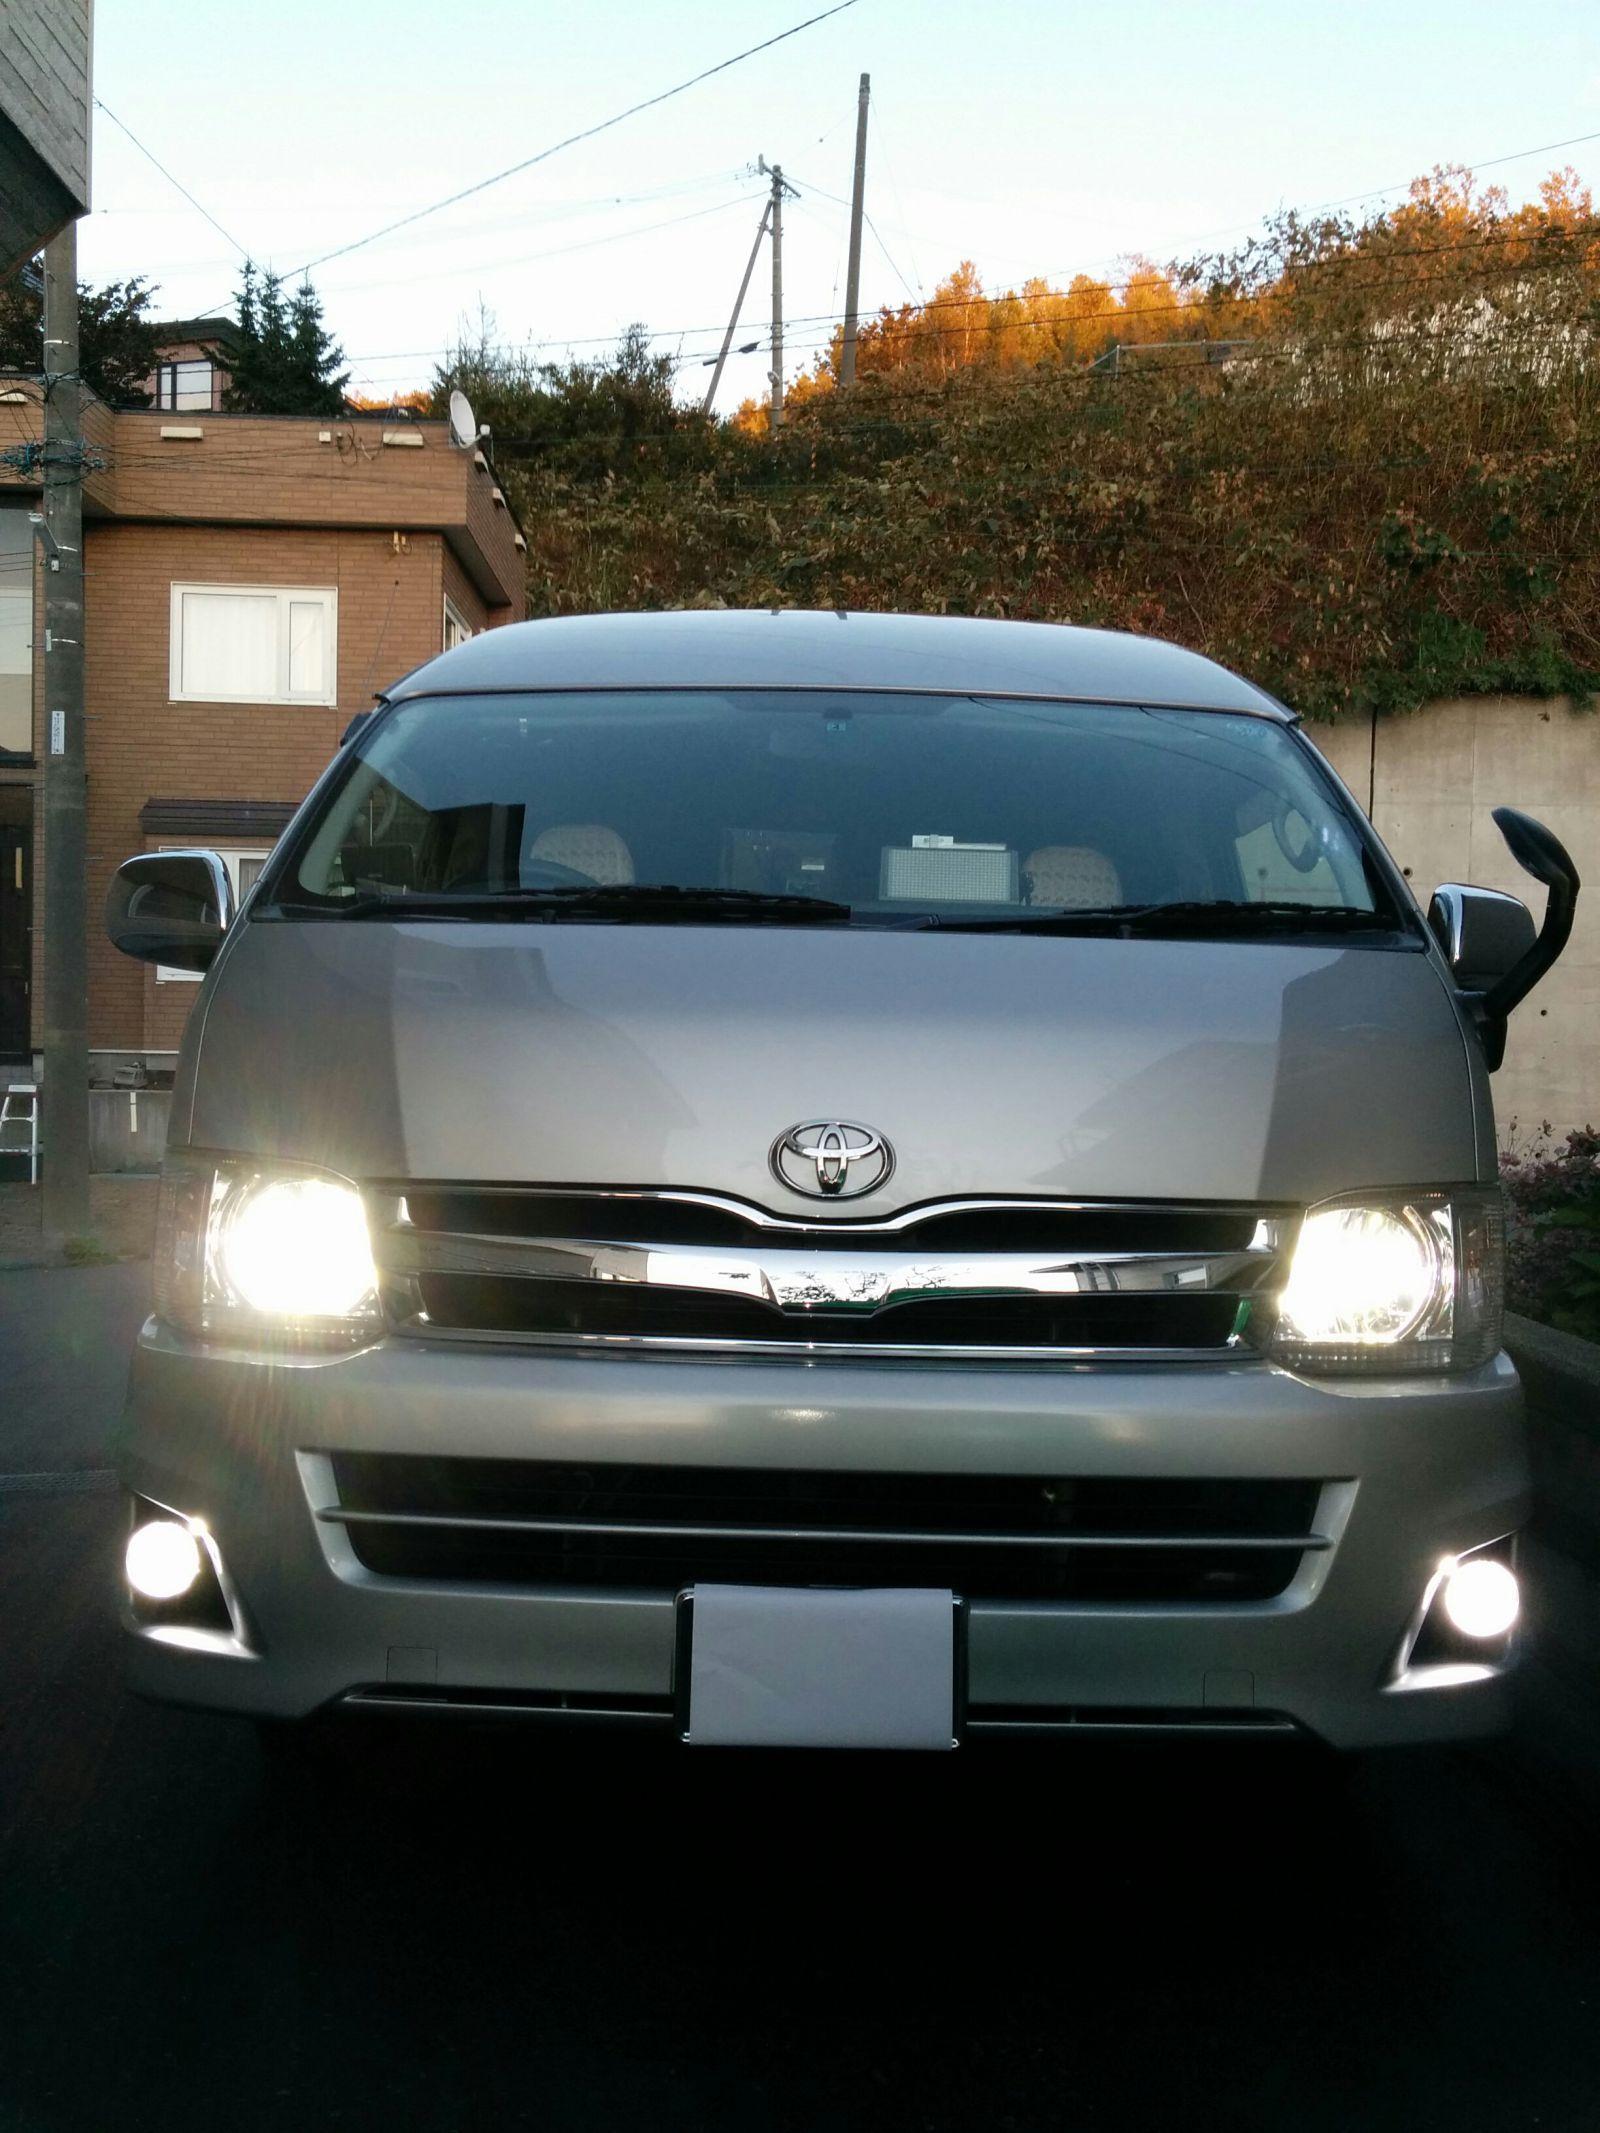 【小樽市】愛車ハイエースのヘッドライト&フォグランプ&室内灯LEDへ交換